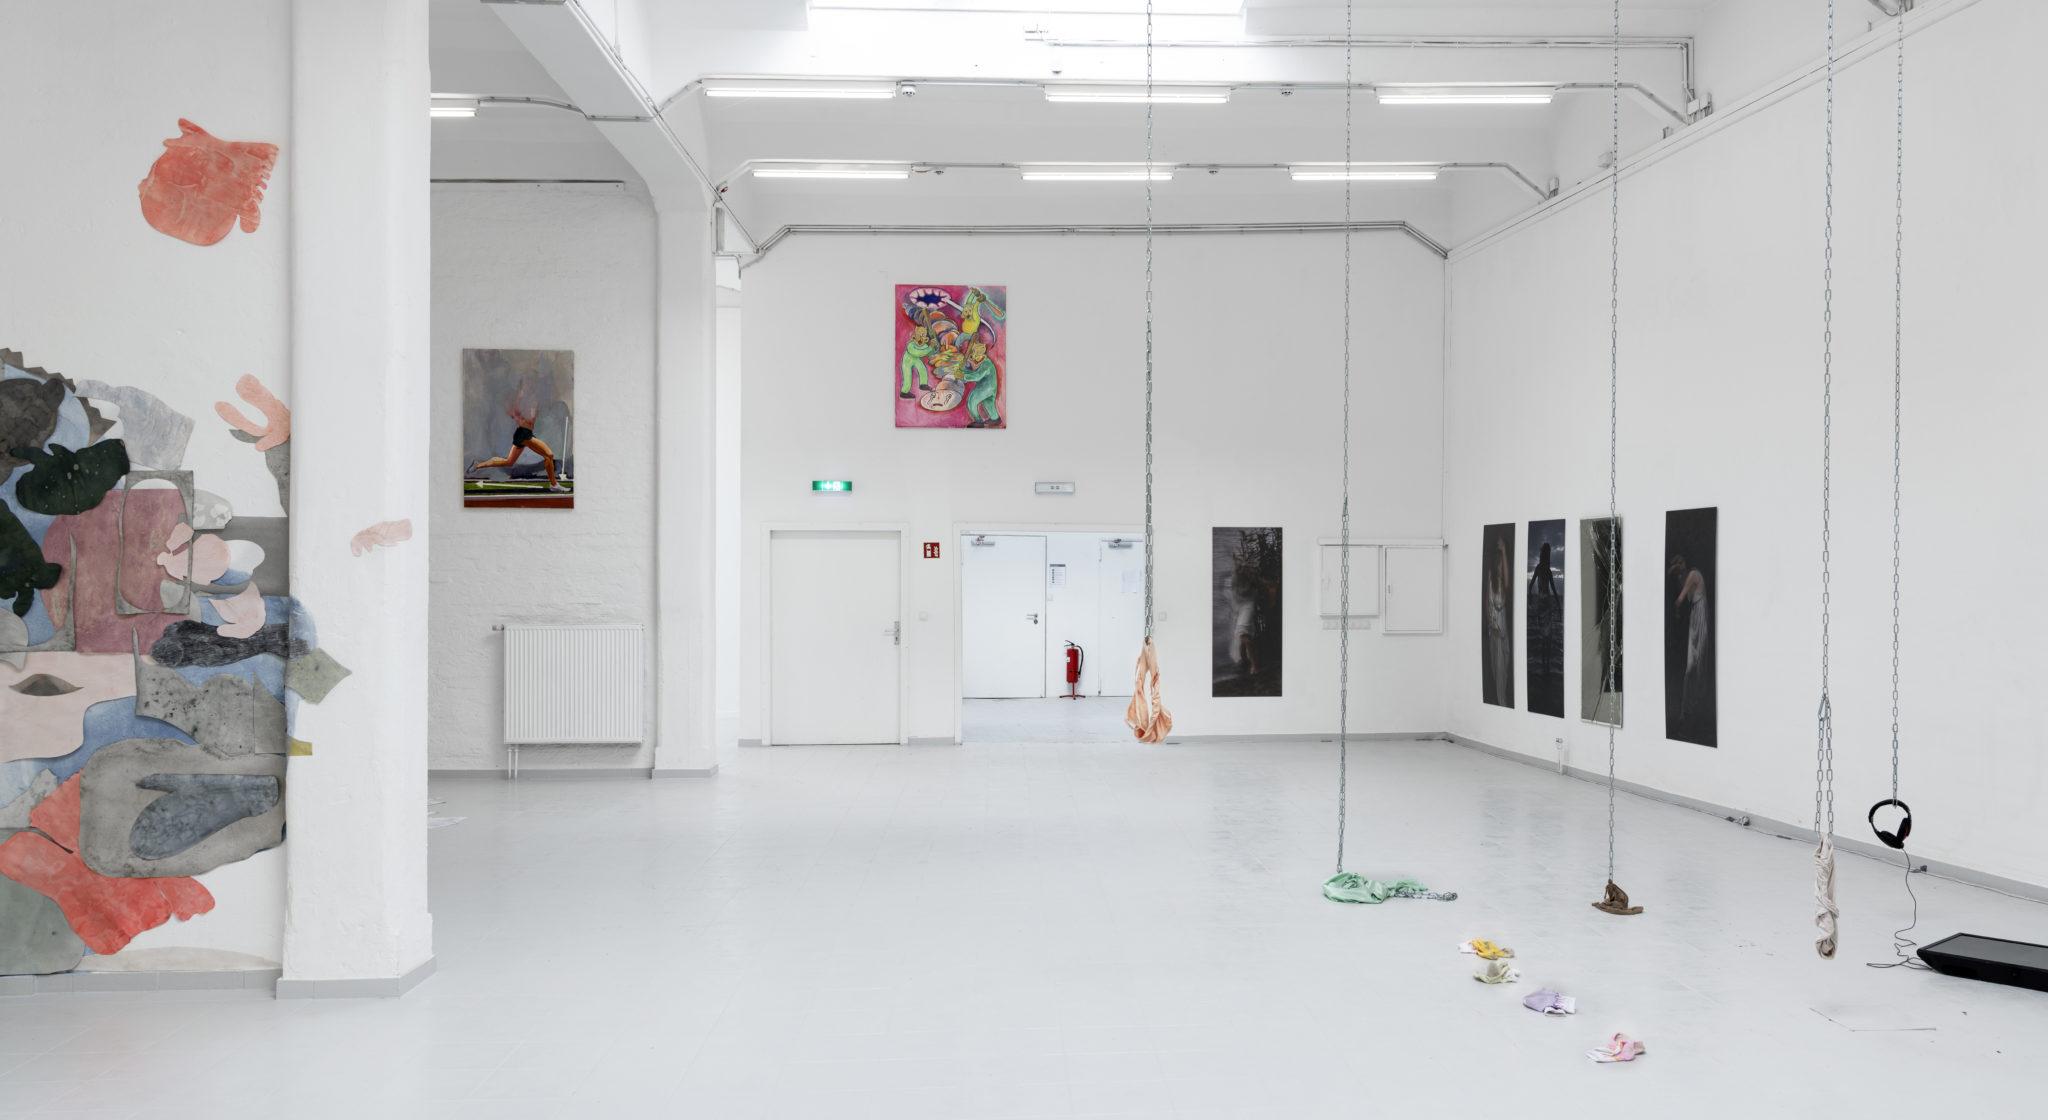 Bosse Bergfeld, How to run in proper form, Öl auf Leinwand, 120 x 80 cm, 2021, Ausstellungsansicht_3